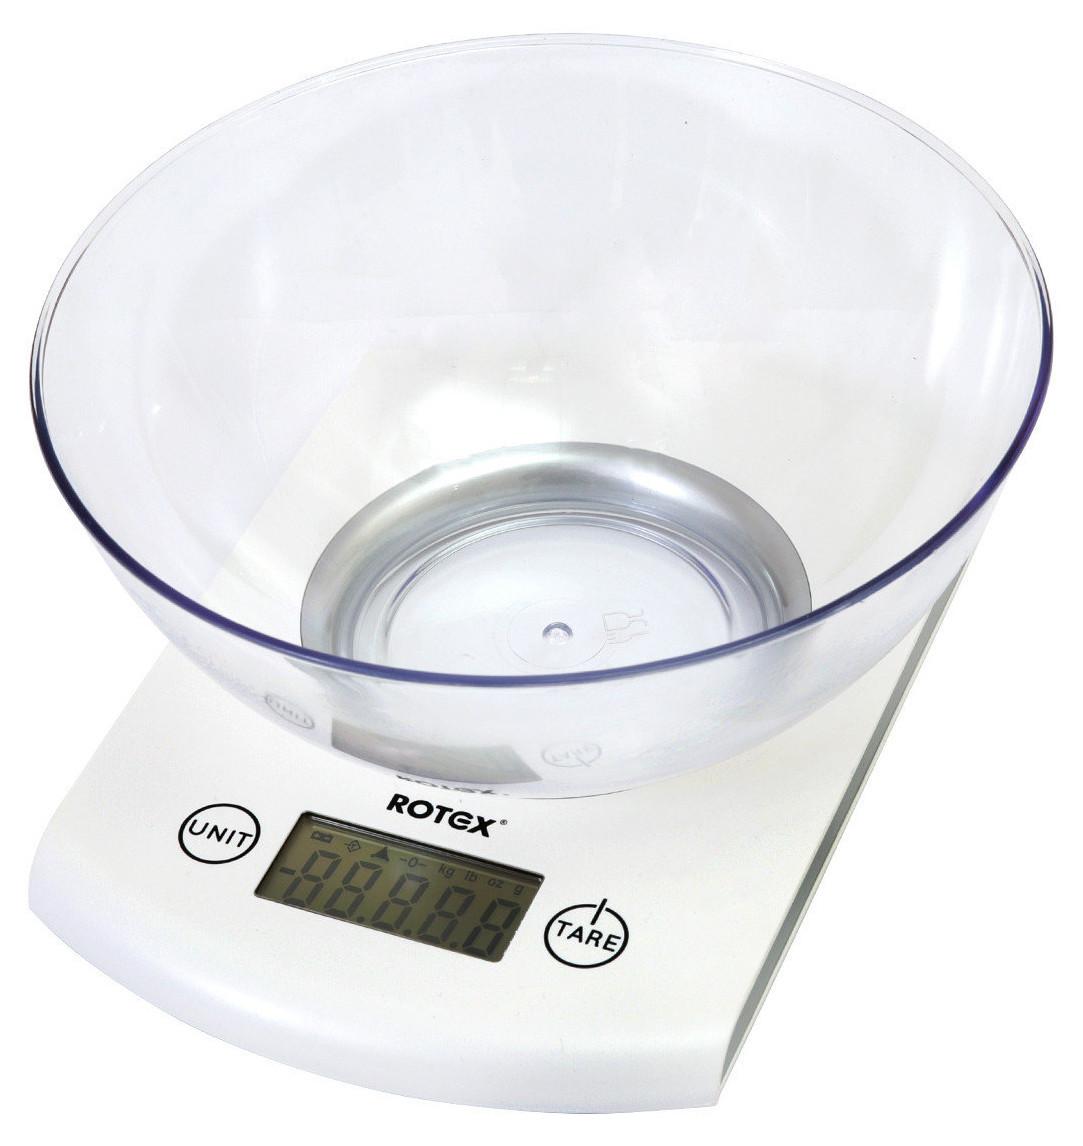 Весы кухонные Rotex RSK-18 5 кг